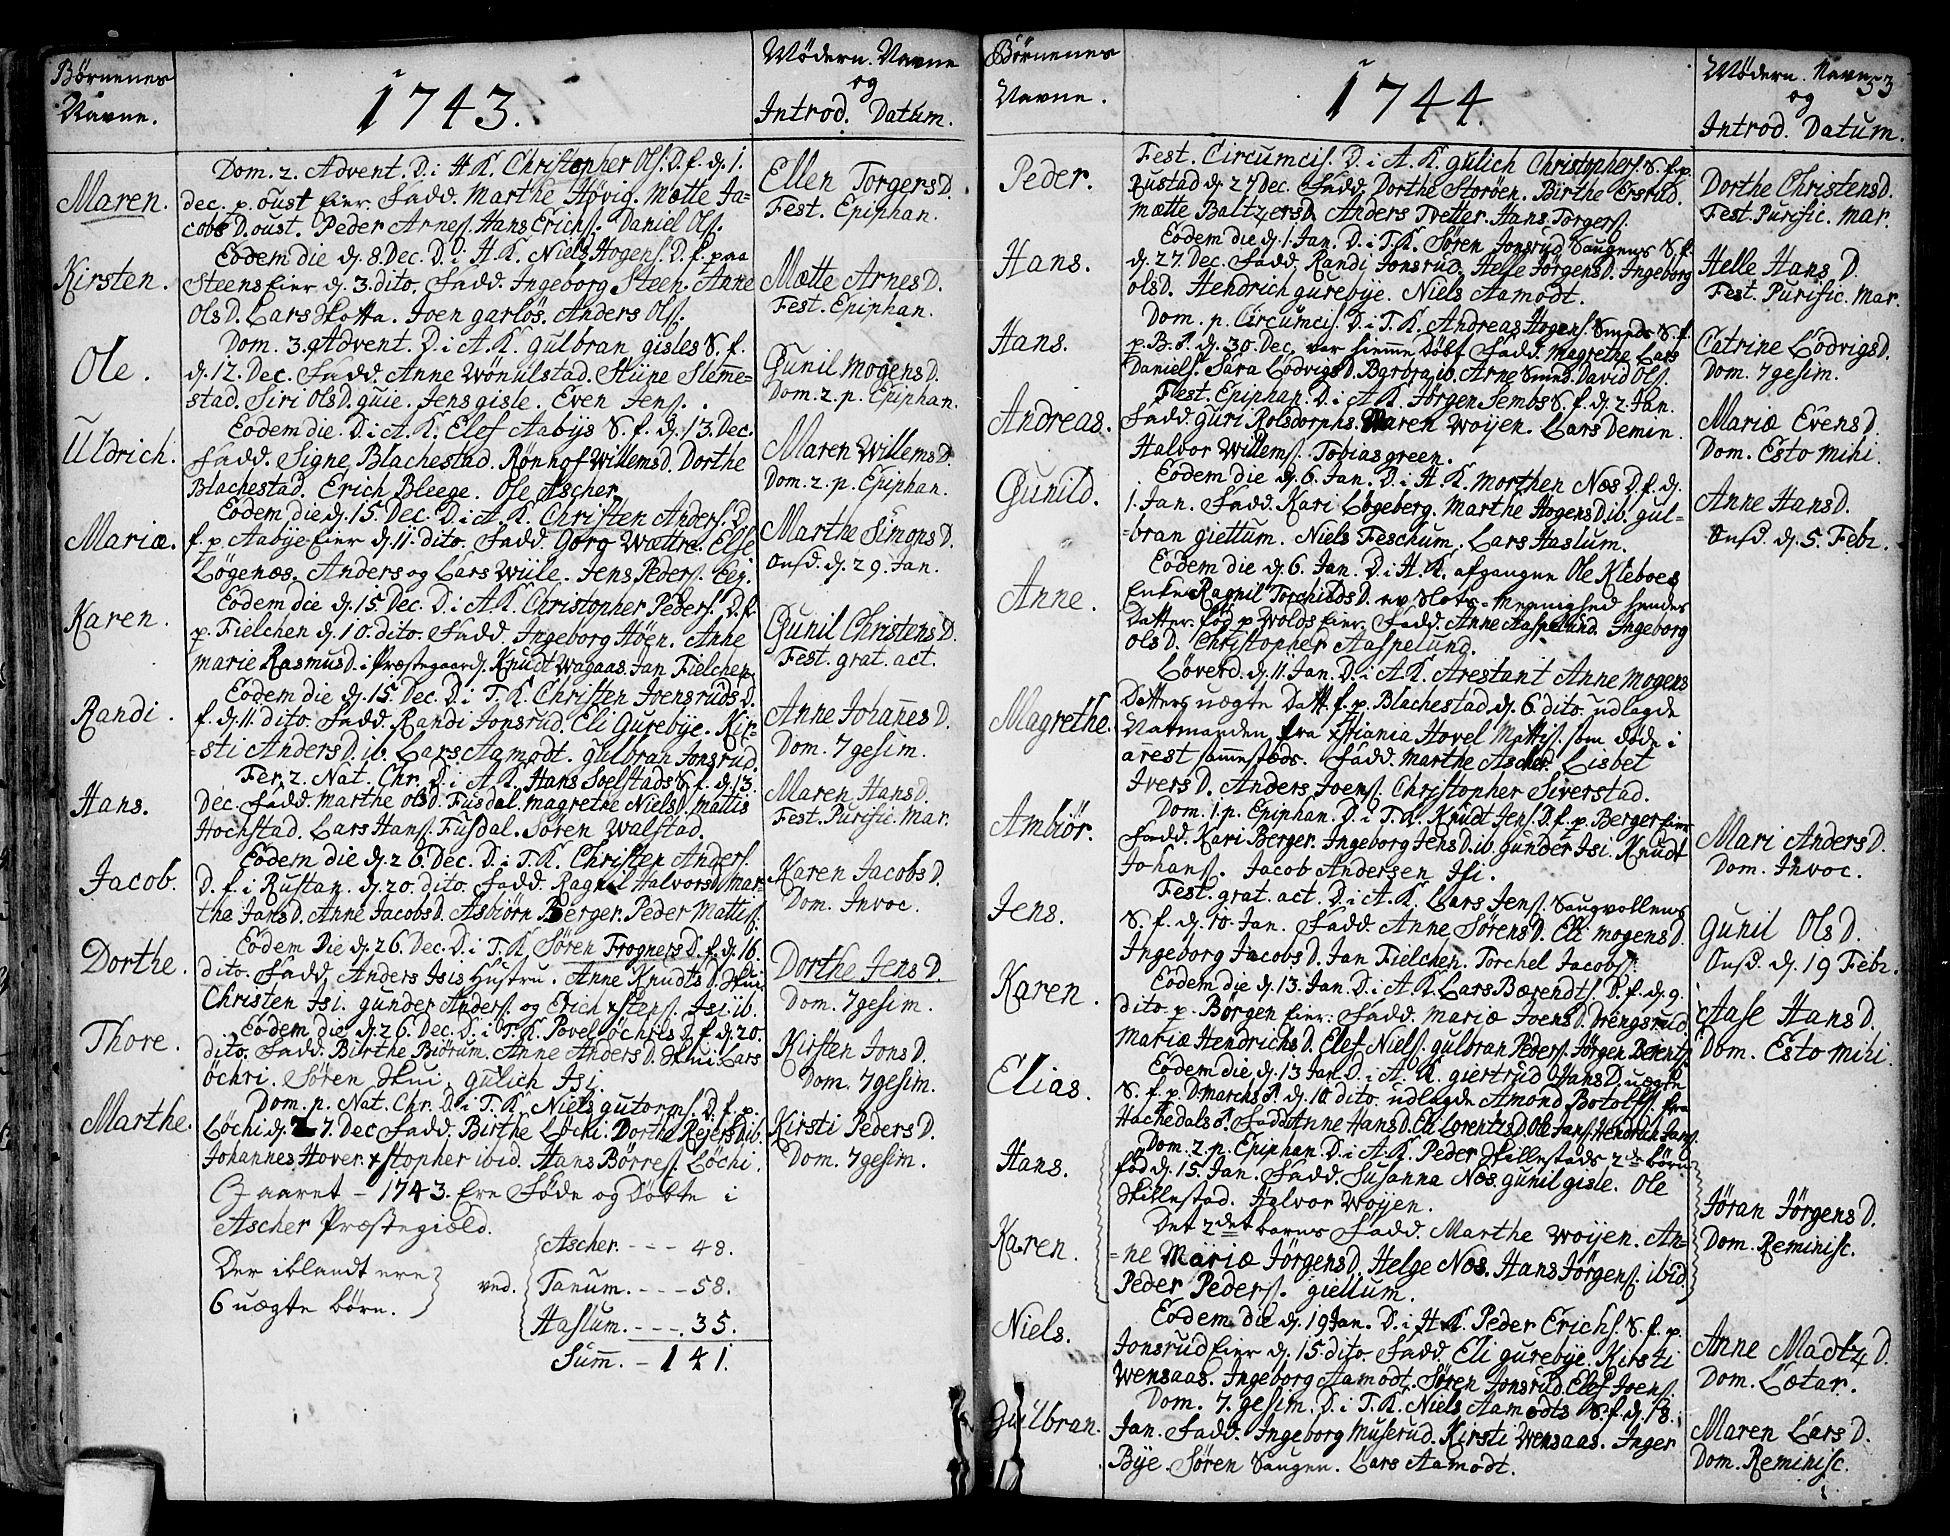 SAO, Asker prestekontor Kirkebøker, F/Fa/L0002: Ministerialbok nr. I 2, 1733-1766, s. 53